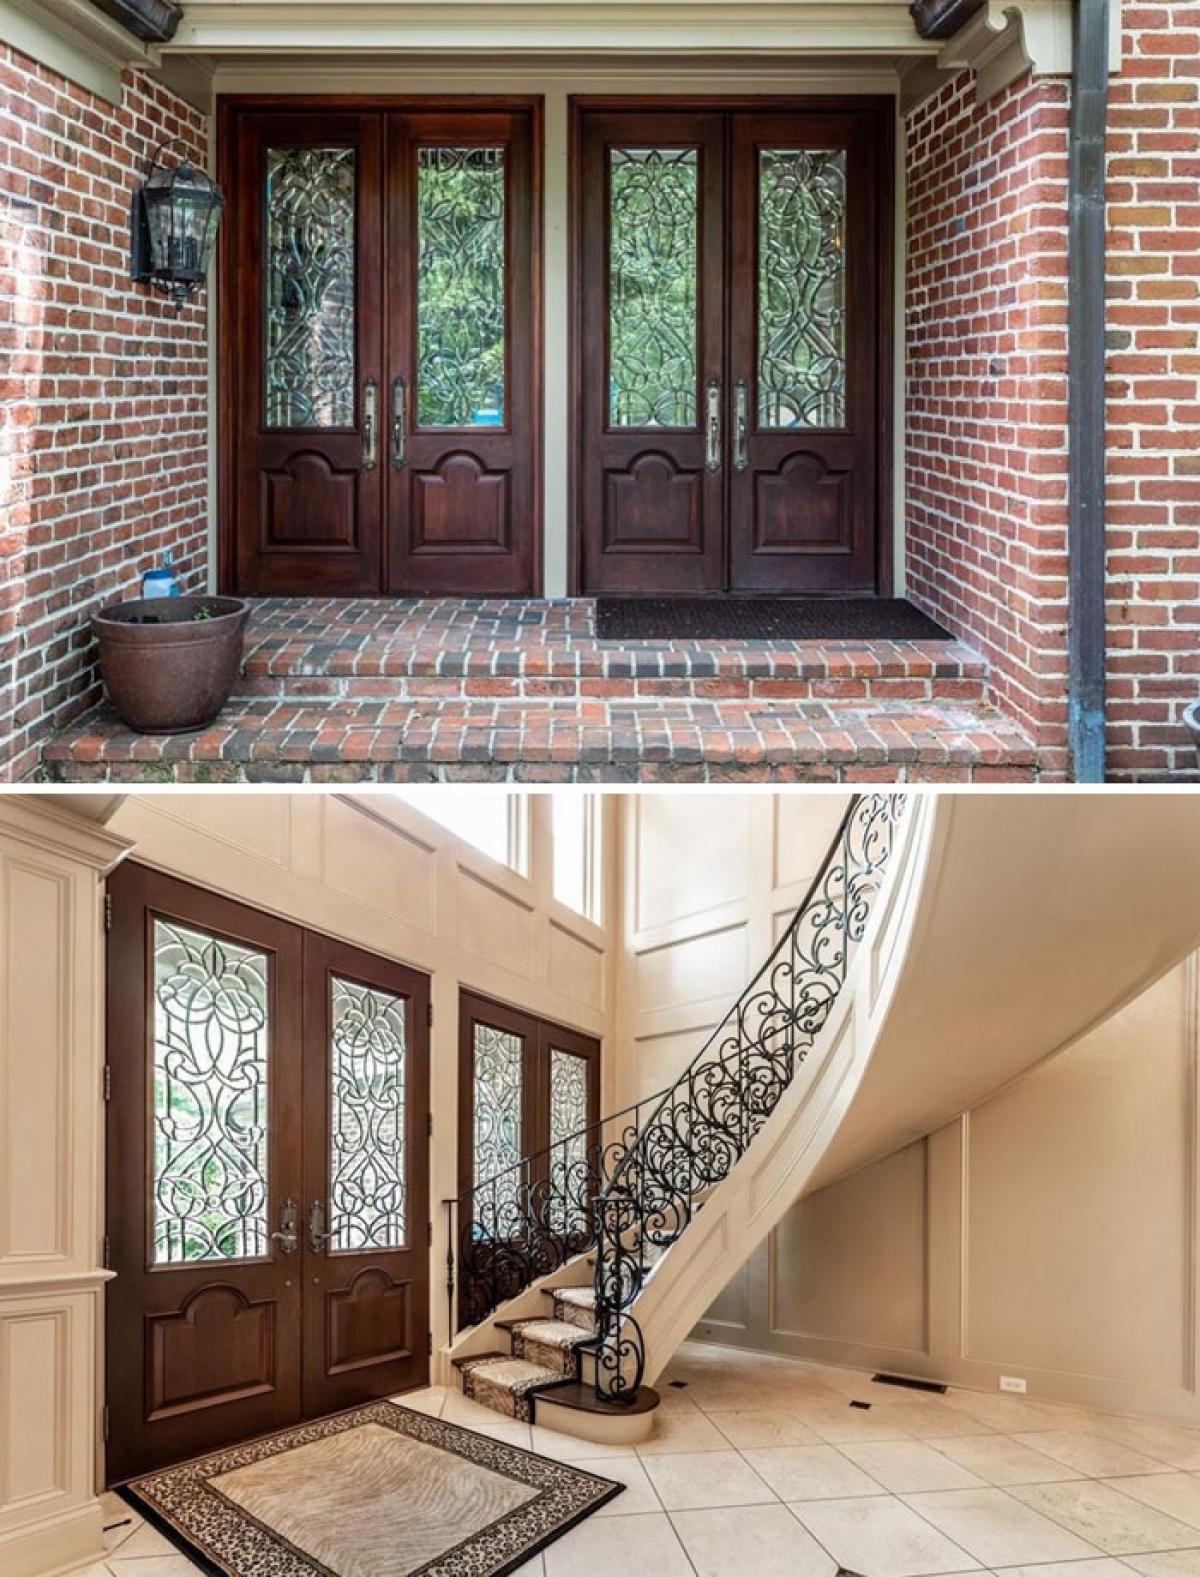 Kiến trúc sư ngôi nhà này mới ra trường chăng?